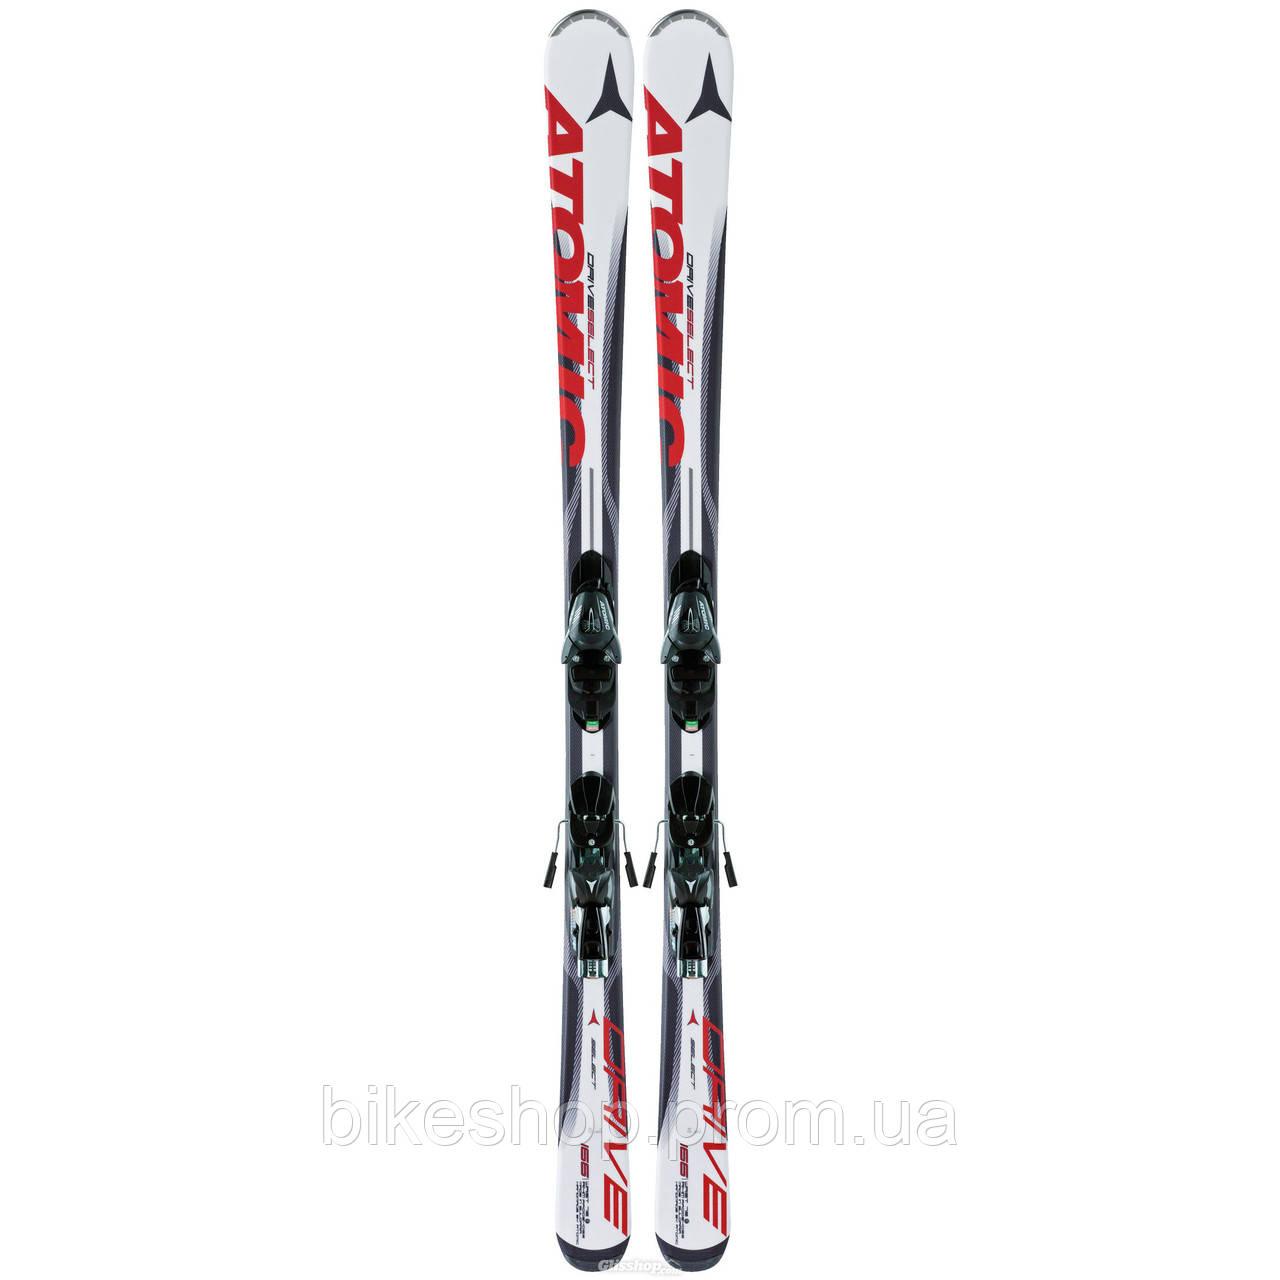 Горные лыжи Atomic Drive Select 2012 (159 см , 152 см , 166) см ... dbcad942d7d